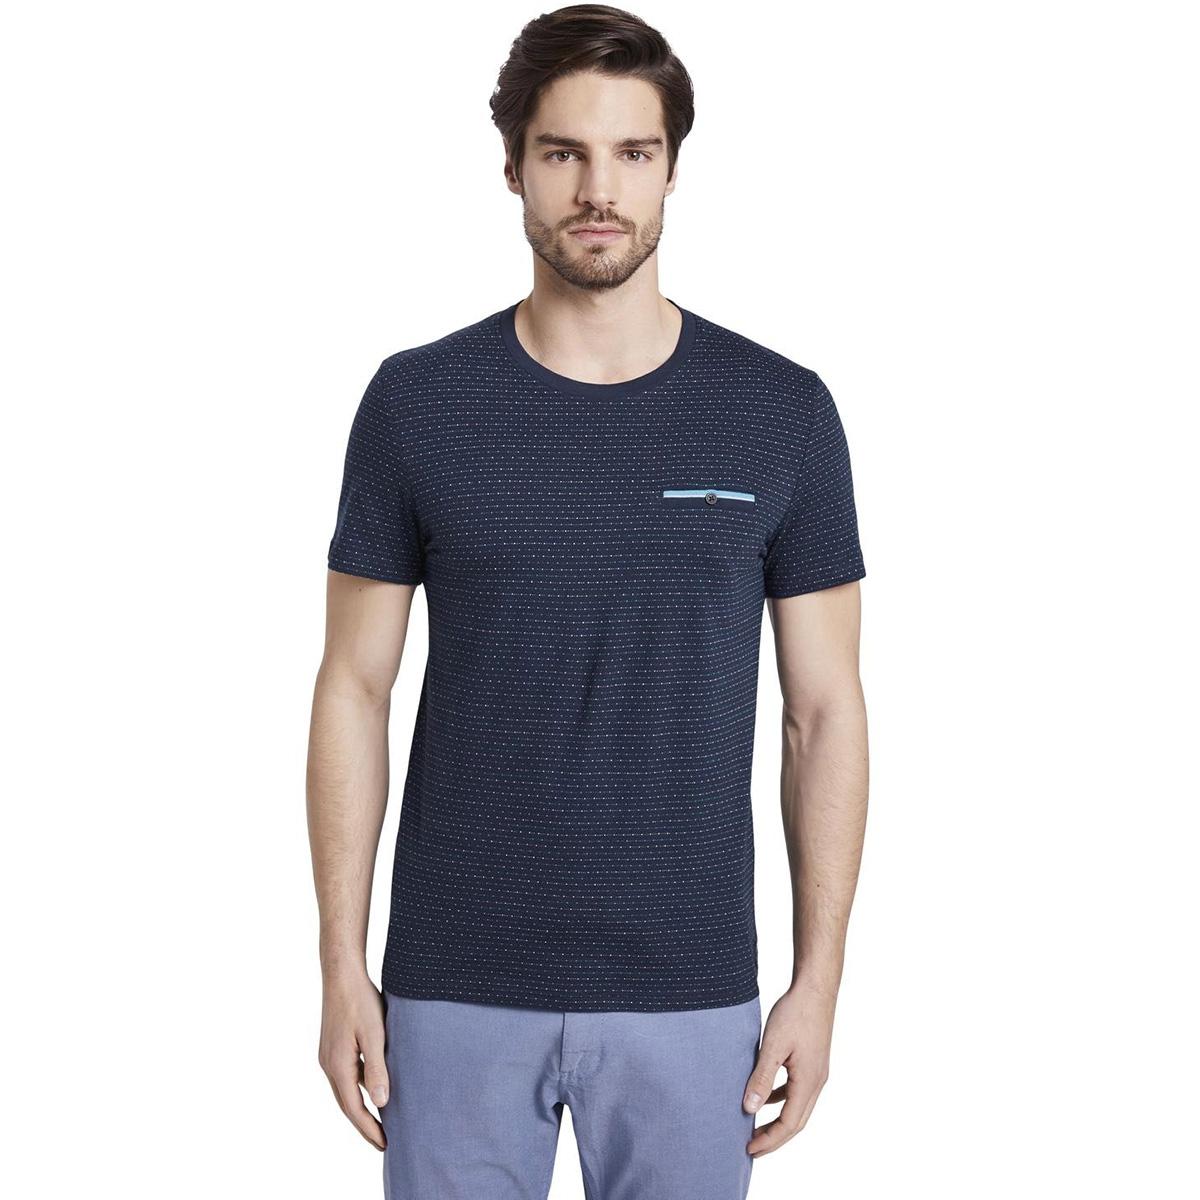 t shirt met gestructureerd patroon 1018131xx10 tom tailor t-shirt 10334